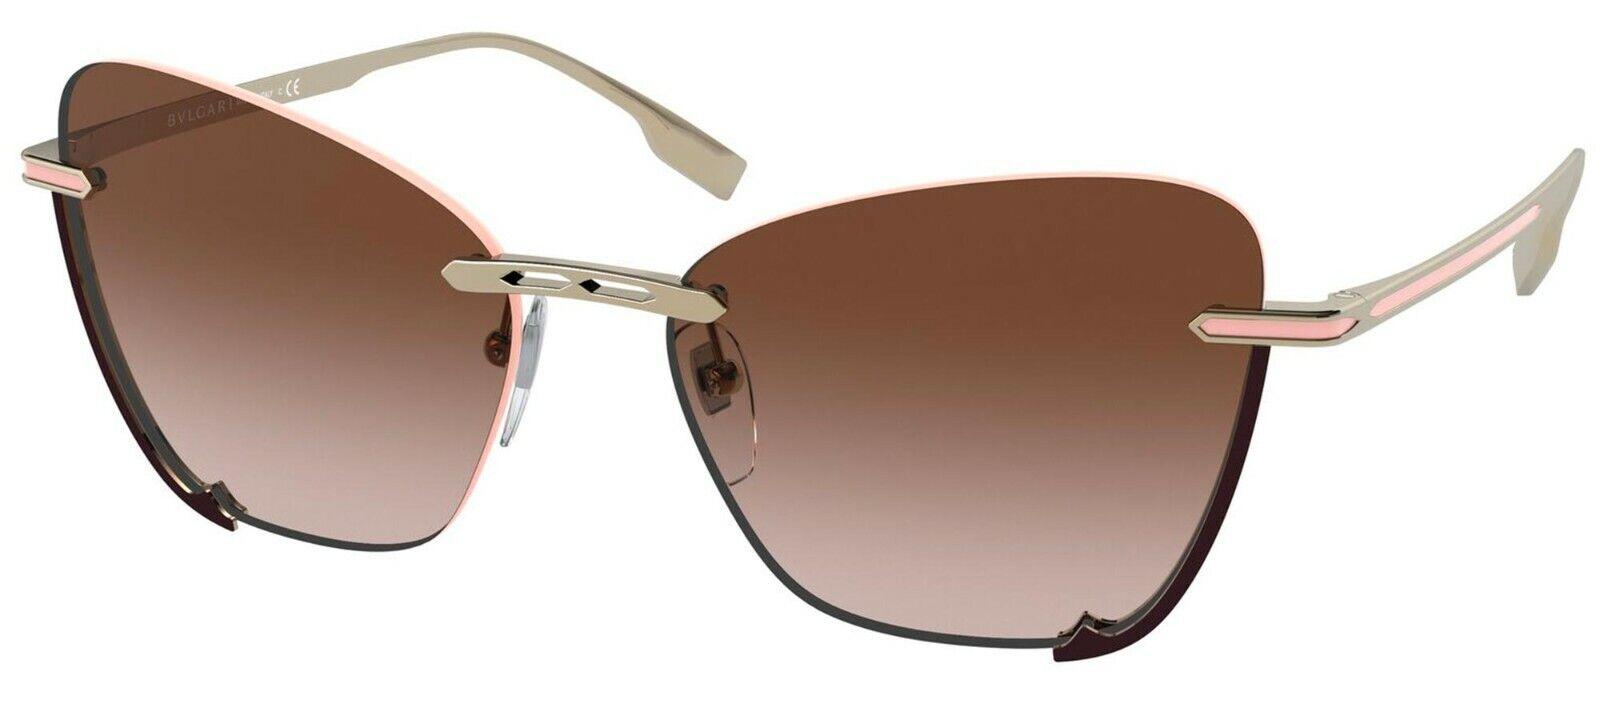 Bvlgari B.ZERO1 BV 6162 Pale Gold/Brown Shaded (278/13) Sunglasses